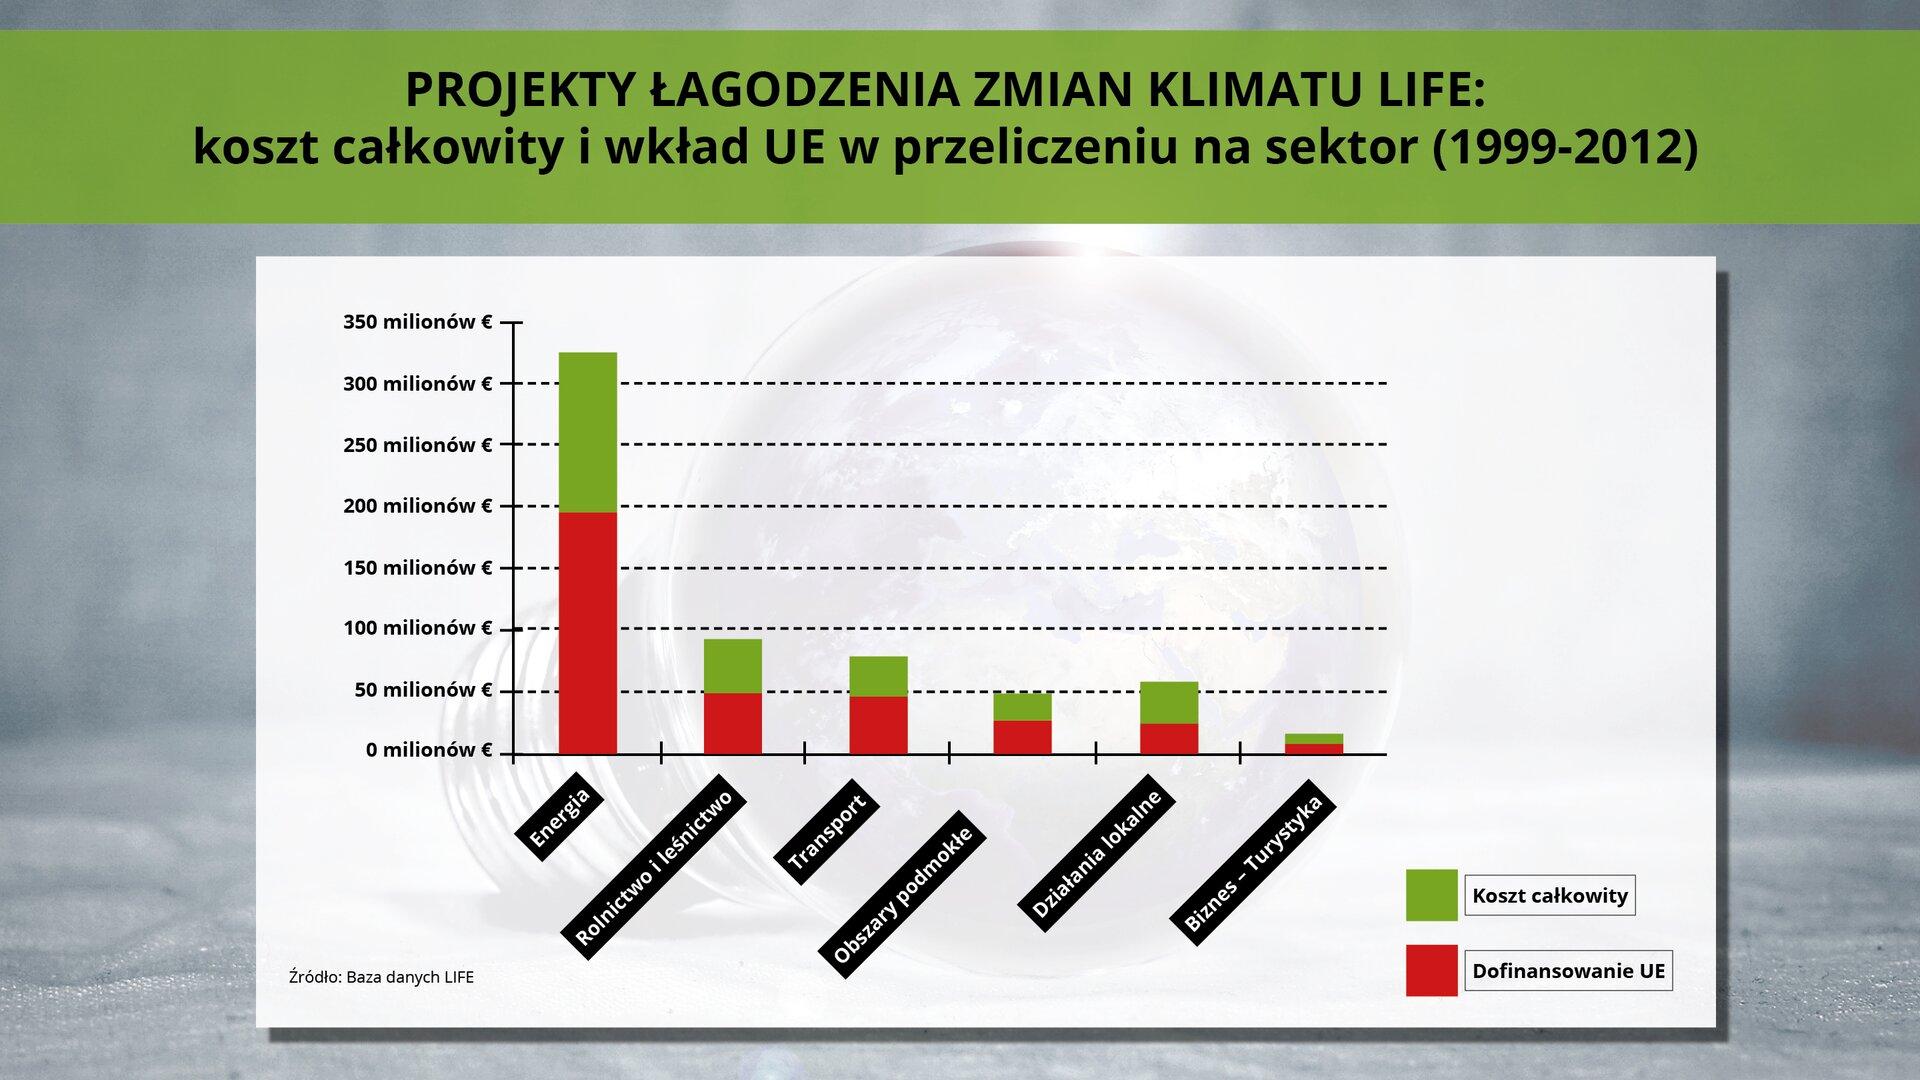 Ilustracja przedstawia wykres prezentujący koszt całkowity iwkład Unii Europejskiej wprojektu mające na celu łagodzenie zmian klimatu LIFE wprzeliczeniu na sektor (1999-2002). Wykres znajduje się na szarym tle. Na wykresie wyszczególnione są typy projektów (Energia, Rolnictwo ileśnictwo, Transport, Obszary podmokłe, Działania lokalne, Biznes-Turystyka), na zielono zaznaczony jest koszt całkowity, ana czerwono wartość dofinansowania zUnii Europejskiej. Ugóry na zielonym pasku znajduje się tytuł wykresu. Źródłem danych jest LIFE.